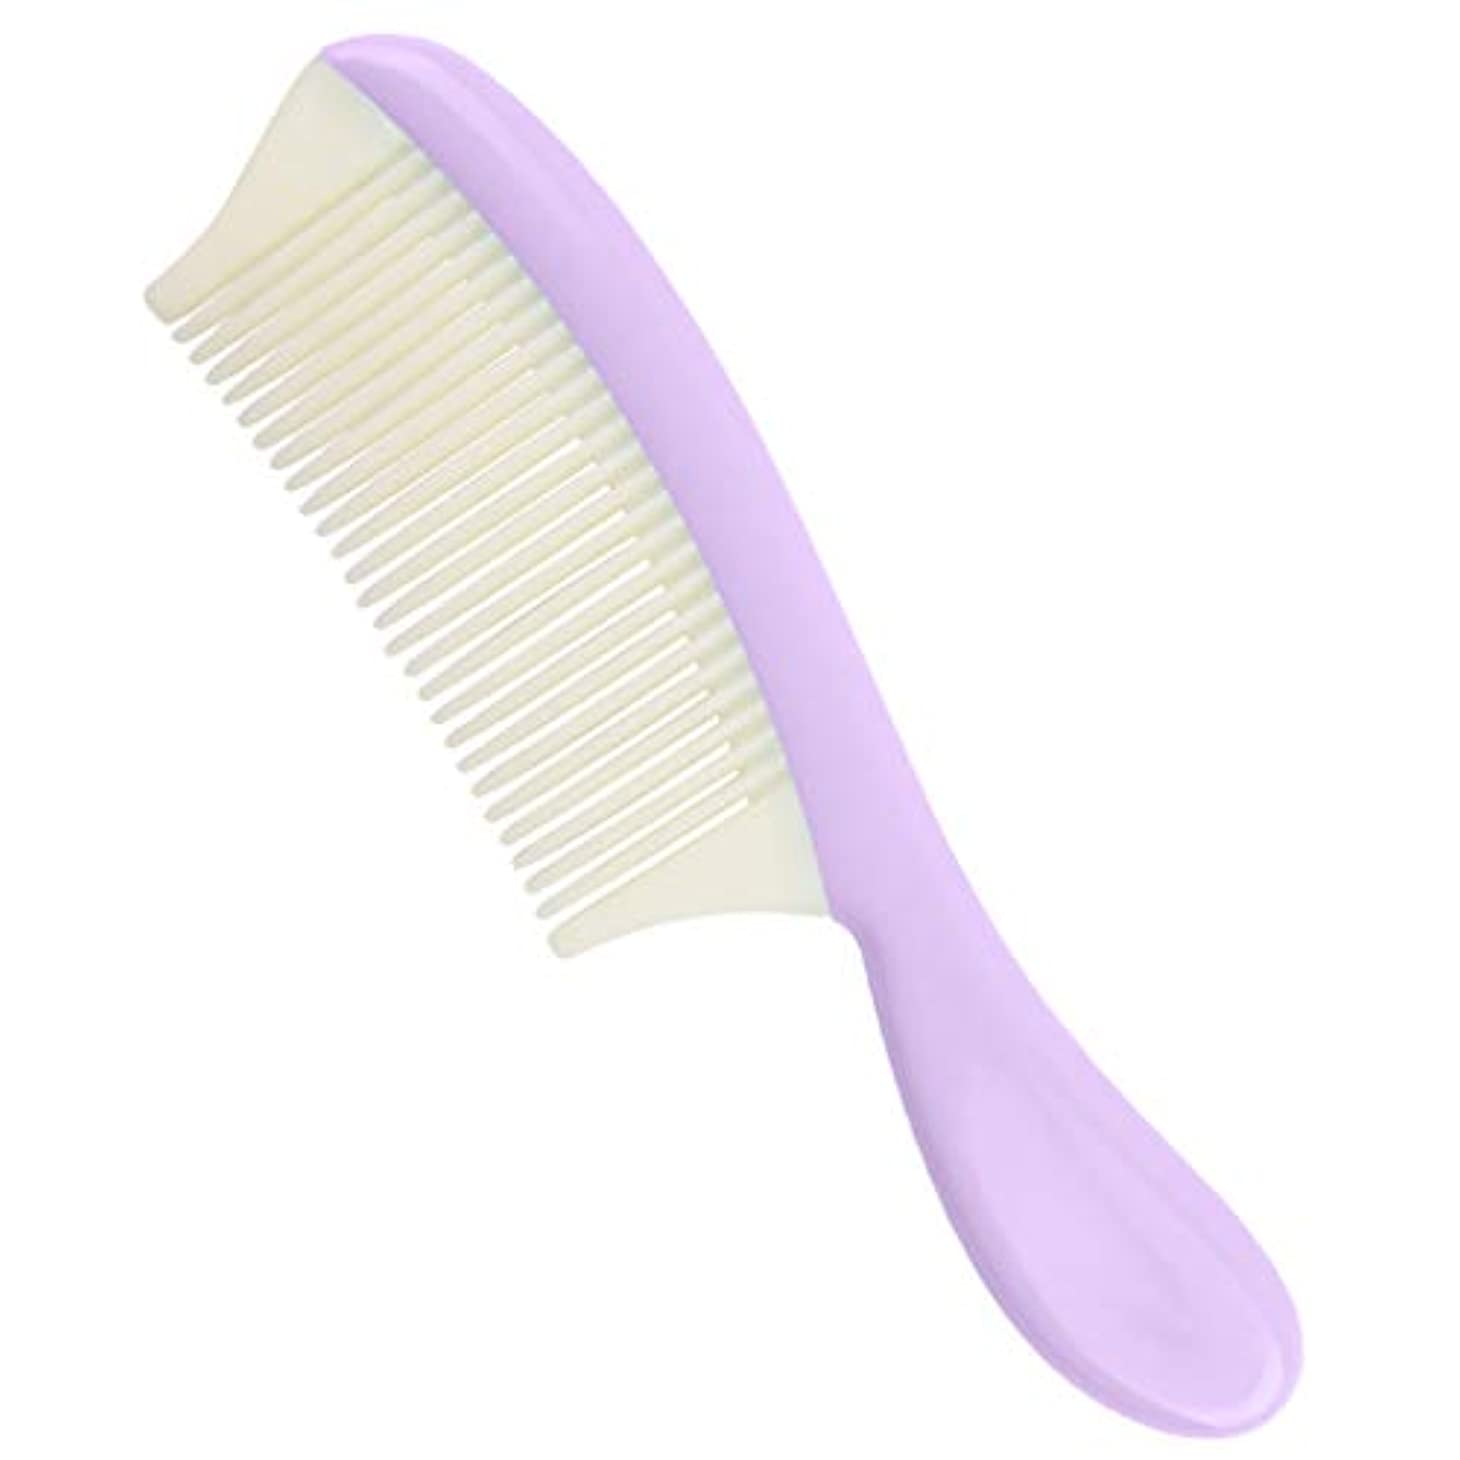 生き返らせる失う和らげるプラスチック ヘアコーム 取り外し可能 細かい歯 髪の櫛 全4色 - 紫